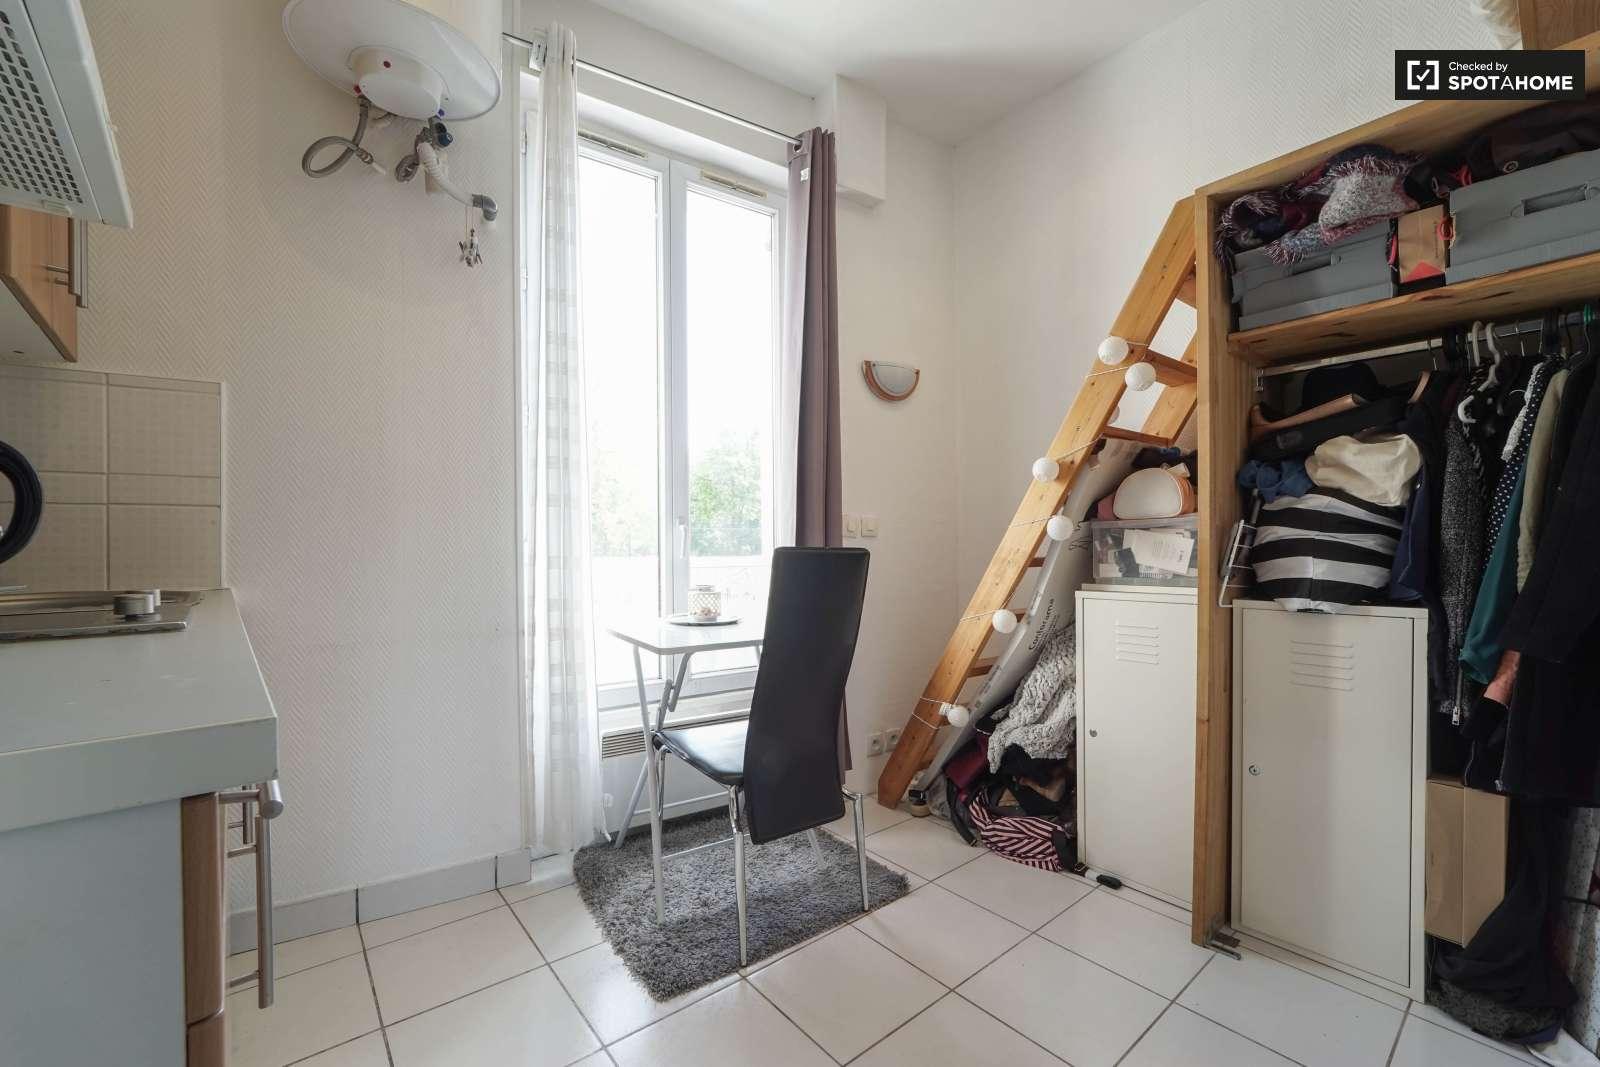 Studio Apartment With Mezzanine studio apartment for rent in 11th arrondissement, paris | spotahome